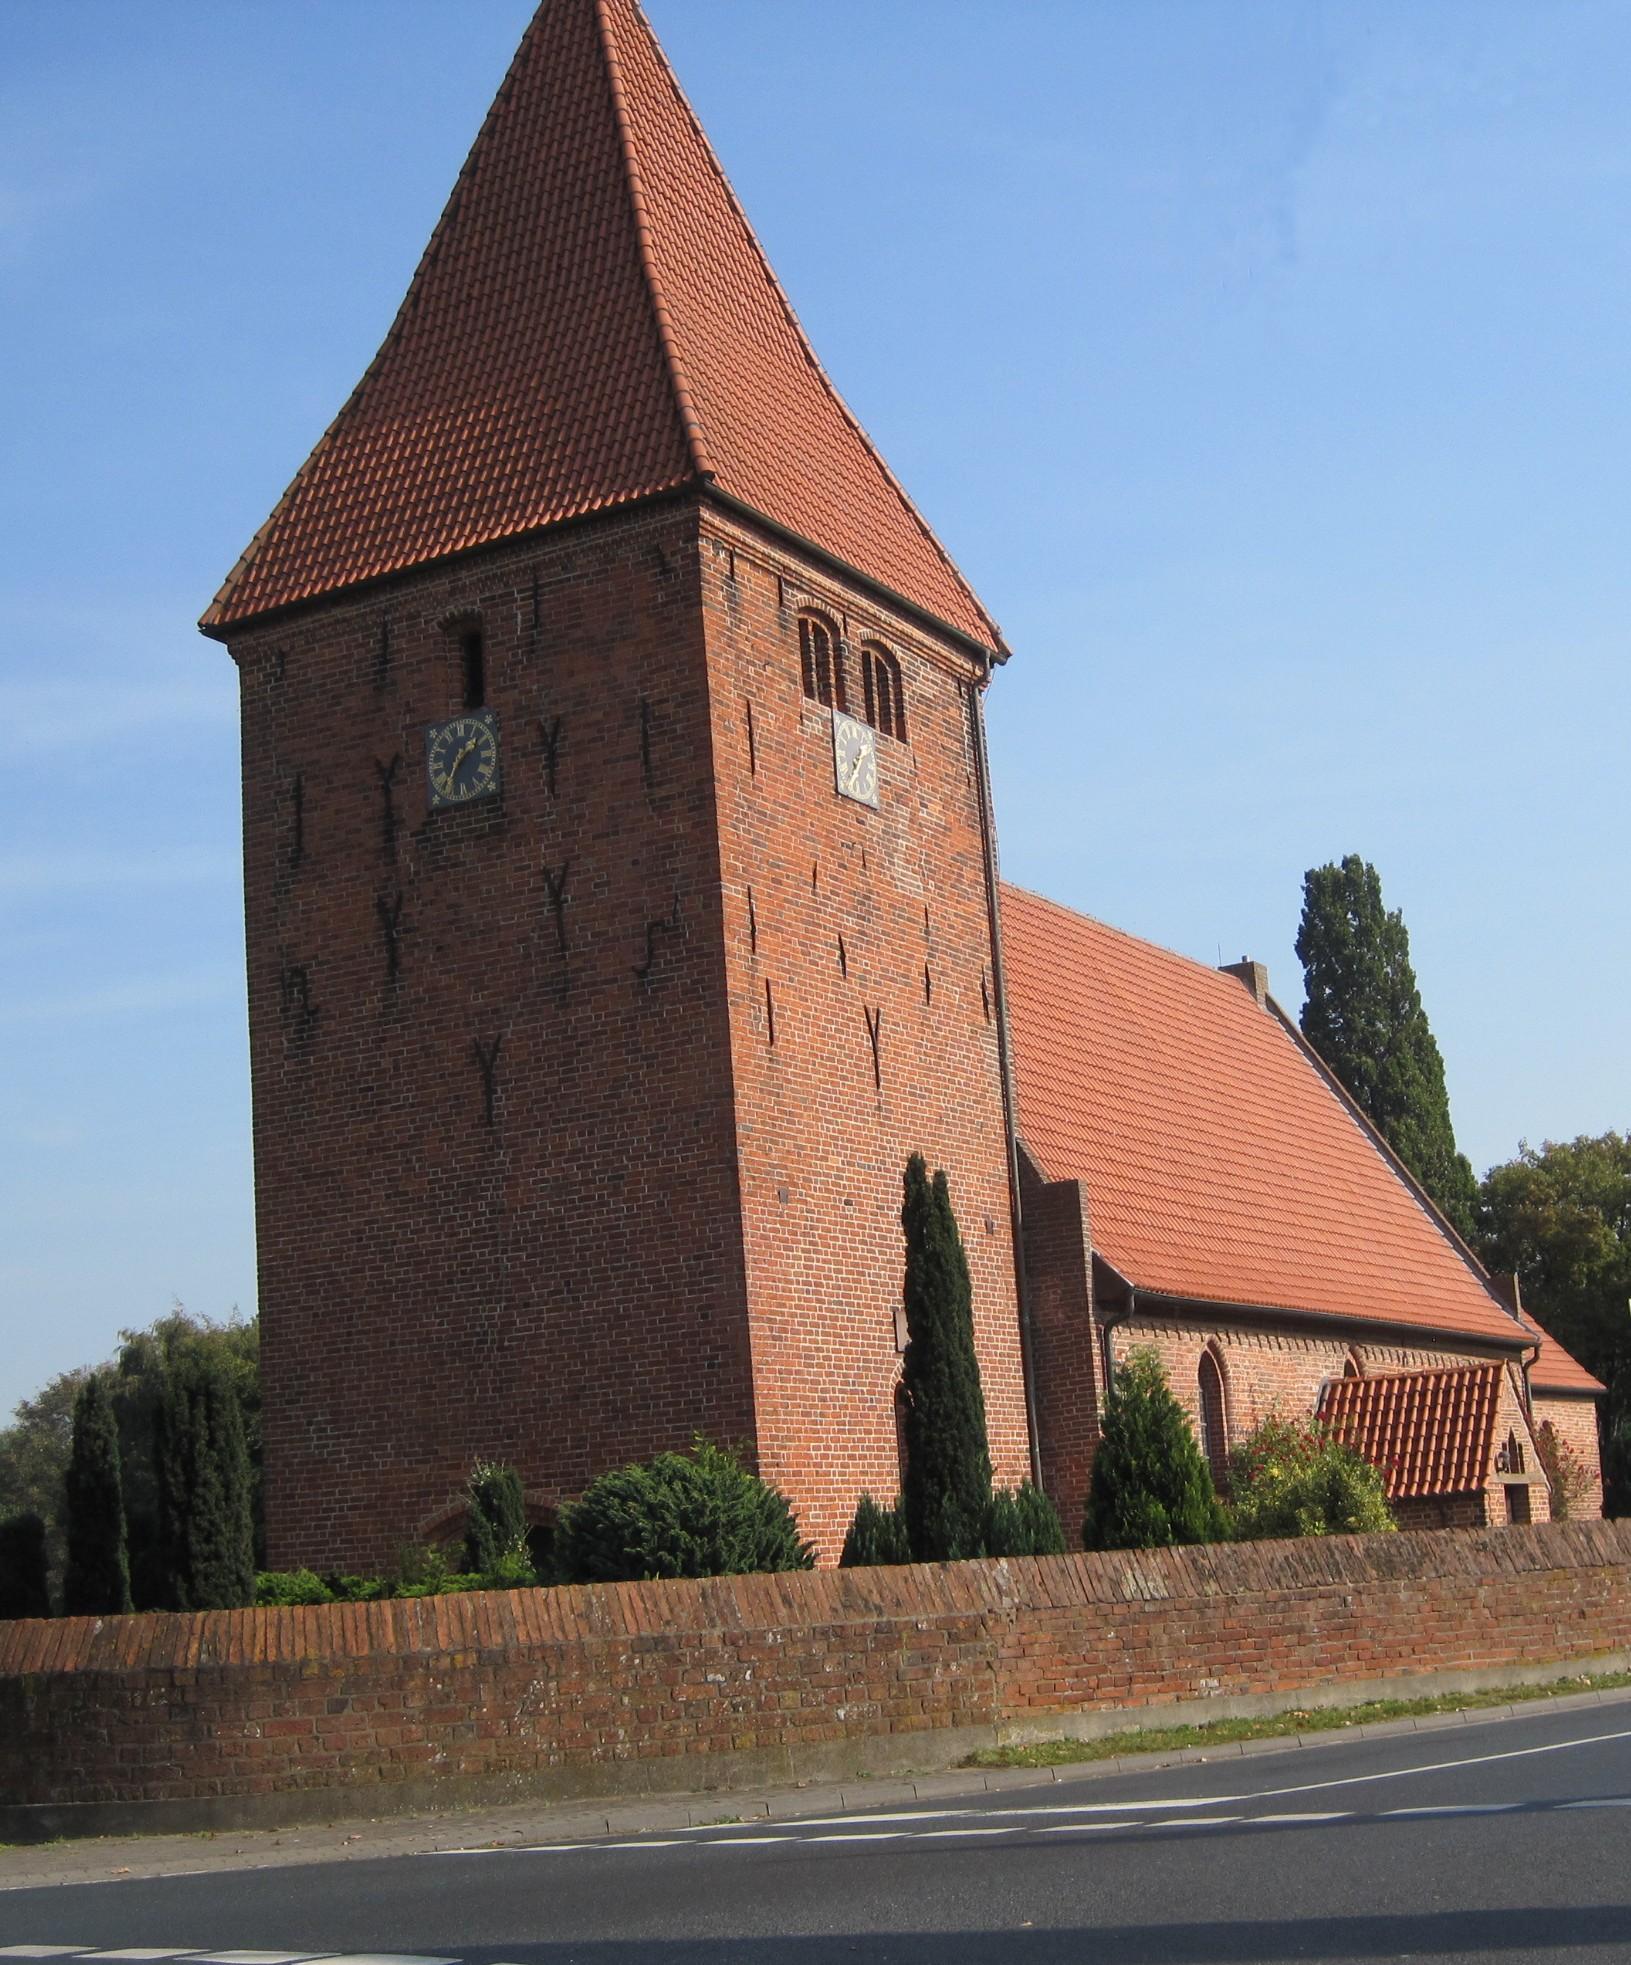 Pankratius Kirche